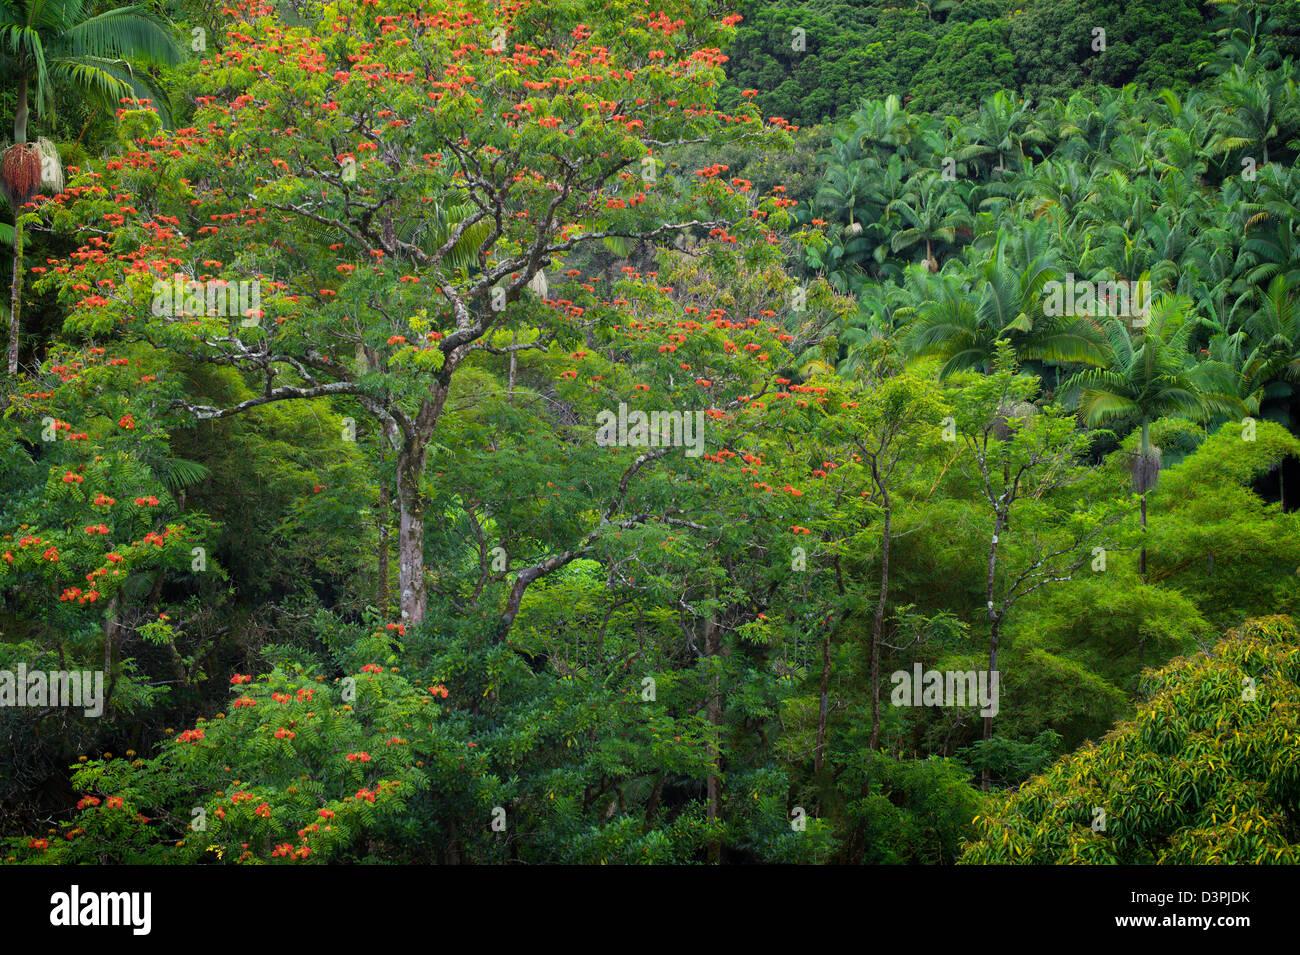 Rainforest with African Tulip Tree in bloom. Hanaunau Coast. Hawaii, The Big Island. - Stock Image